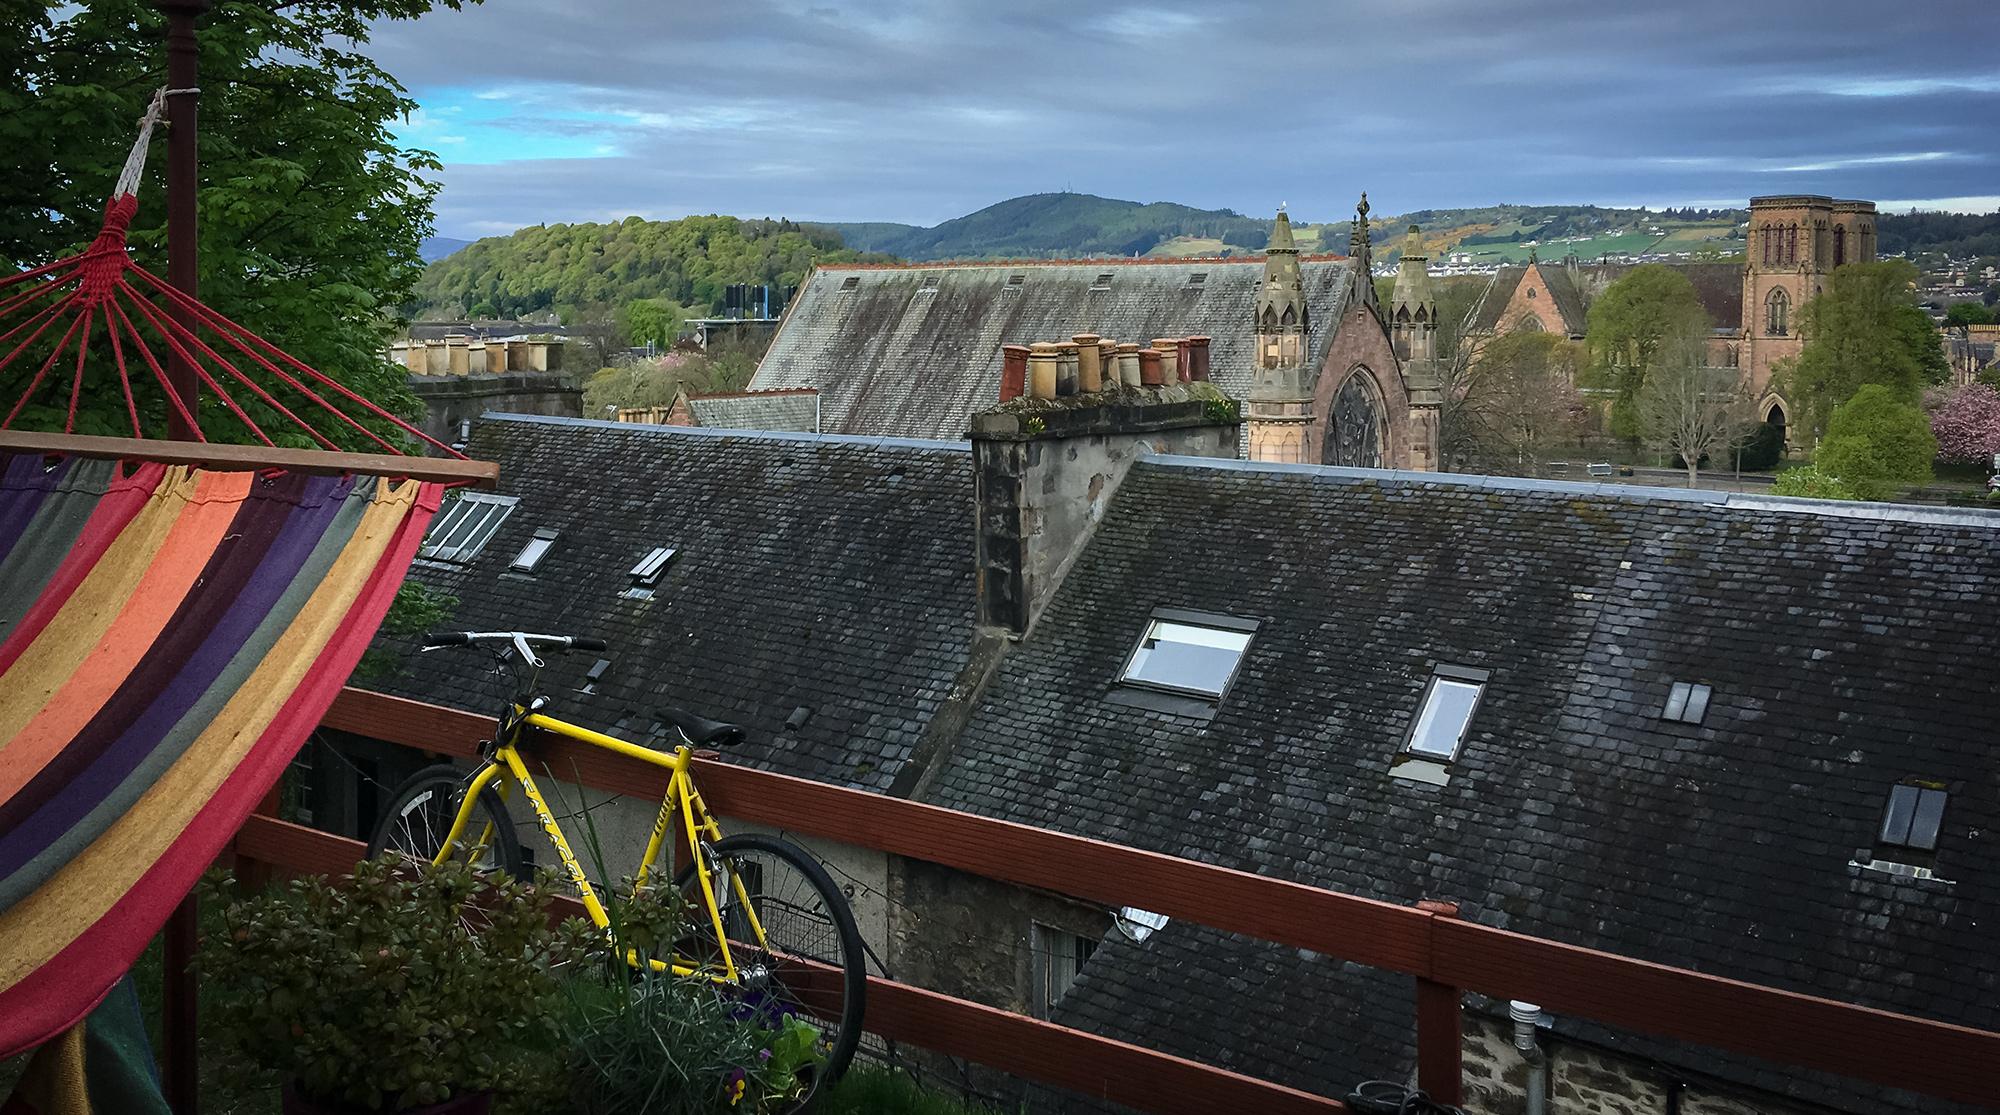 Blick vom Hostel Garten auf Dächer, Kirche und Hügel in Inverness